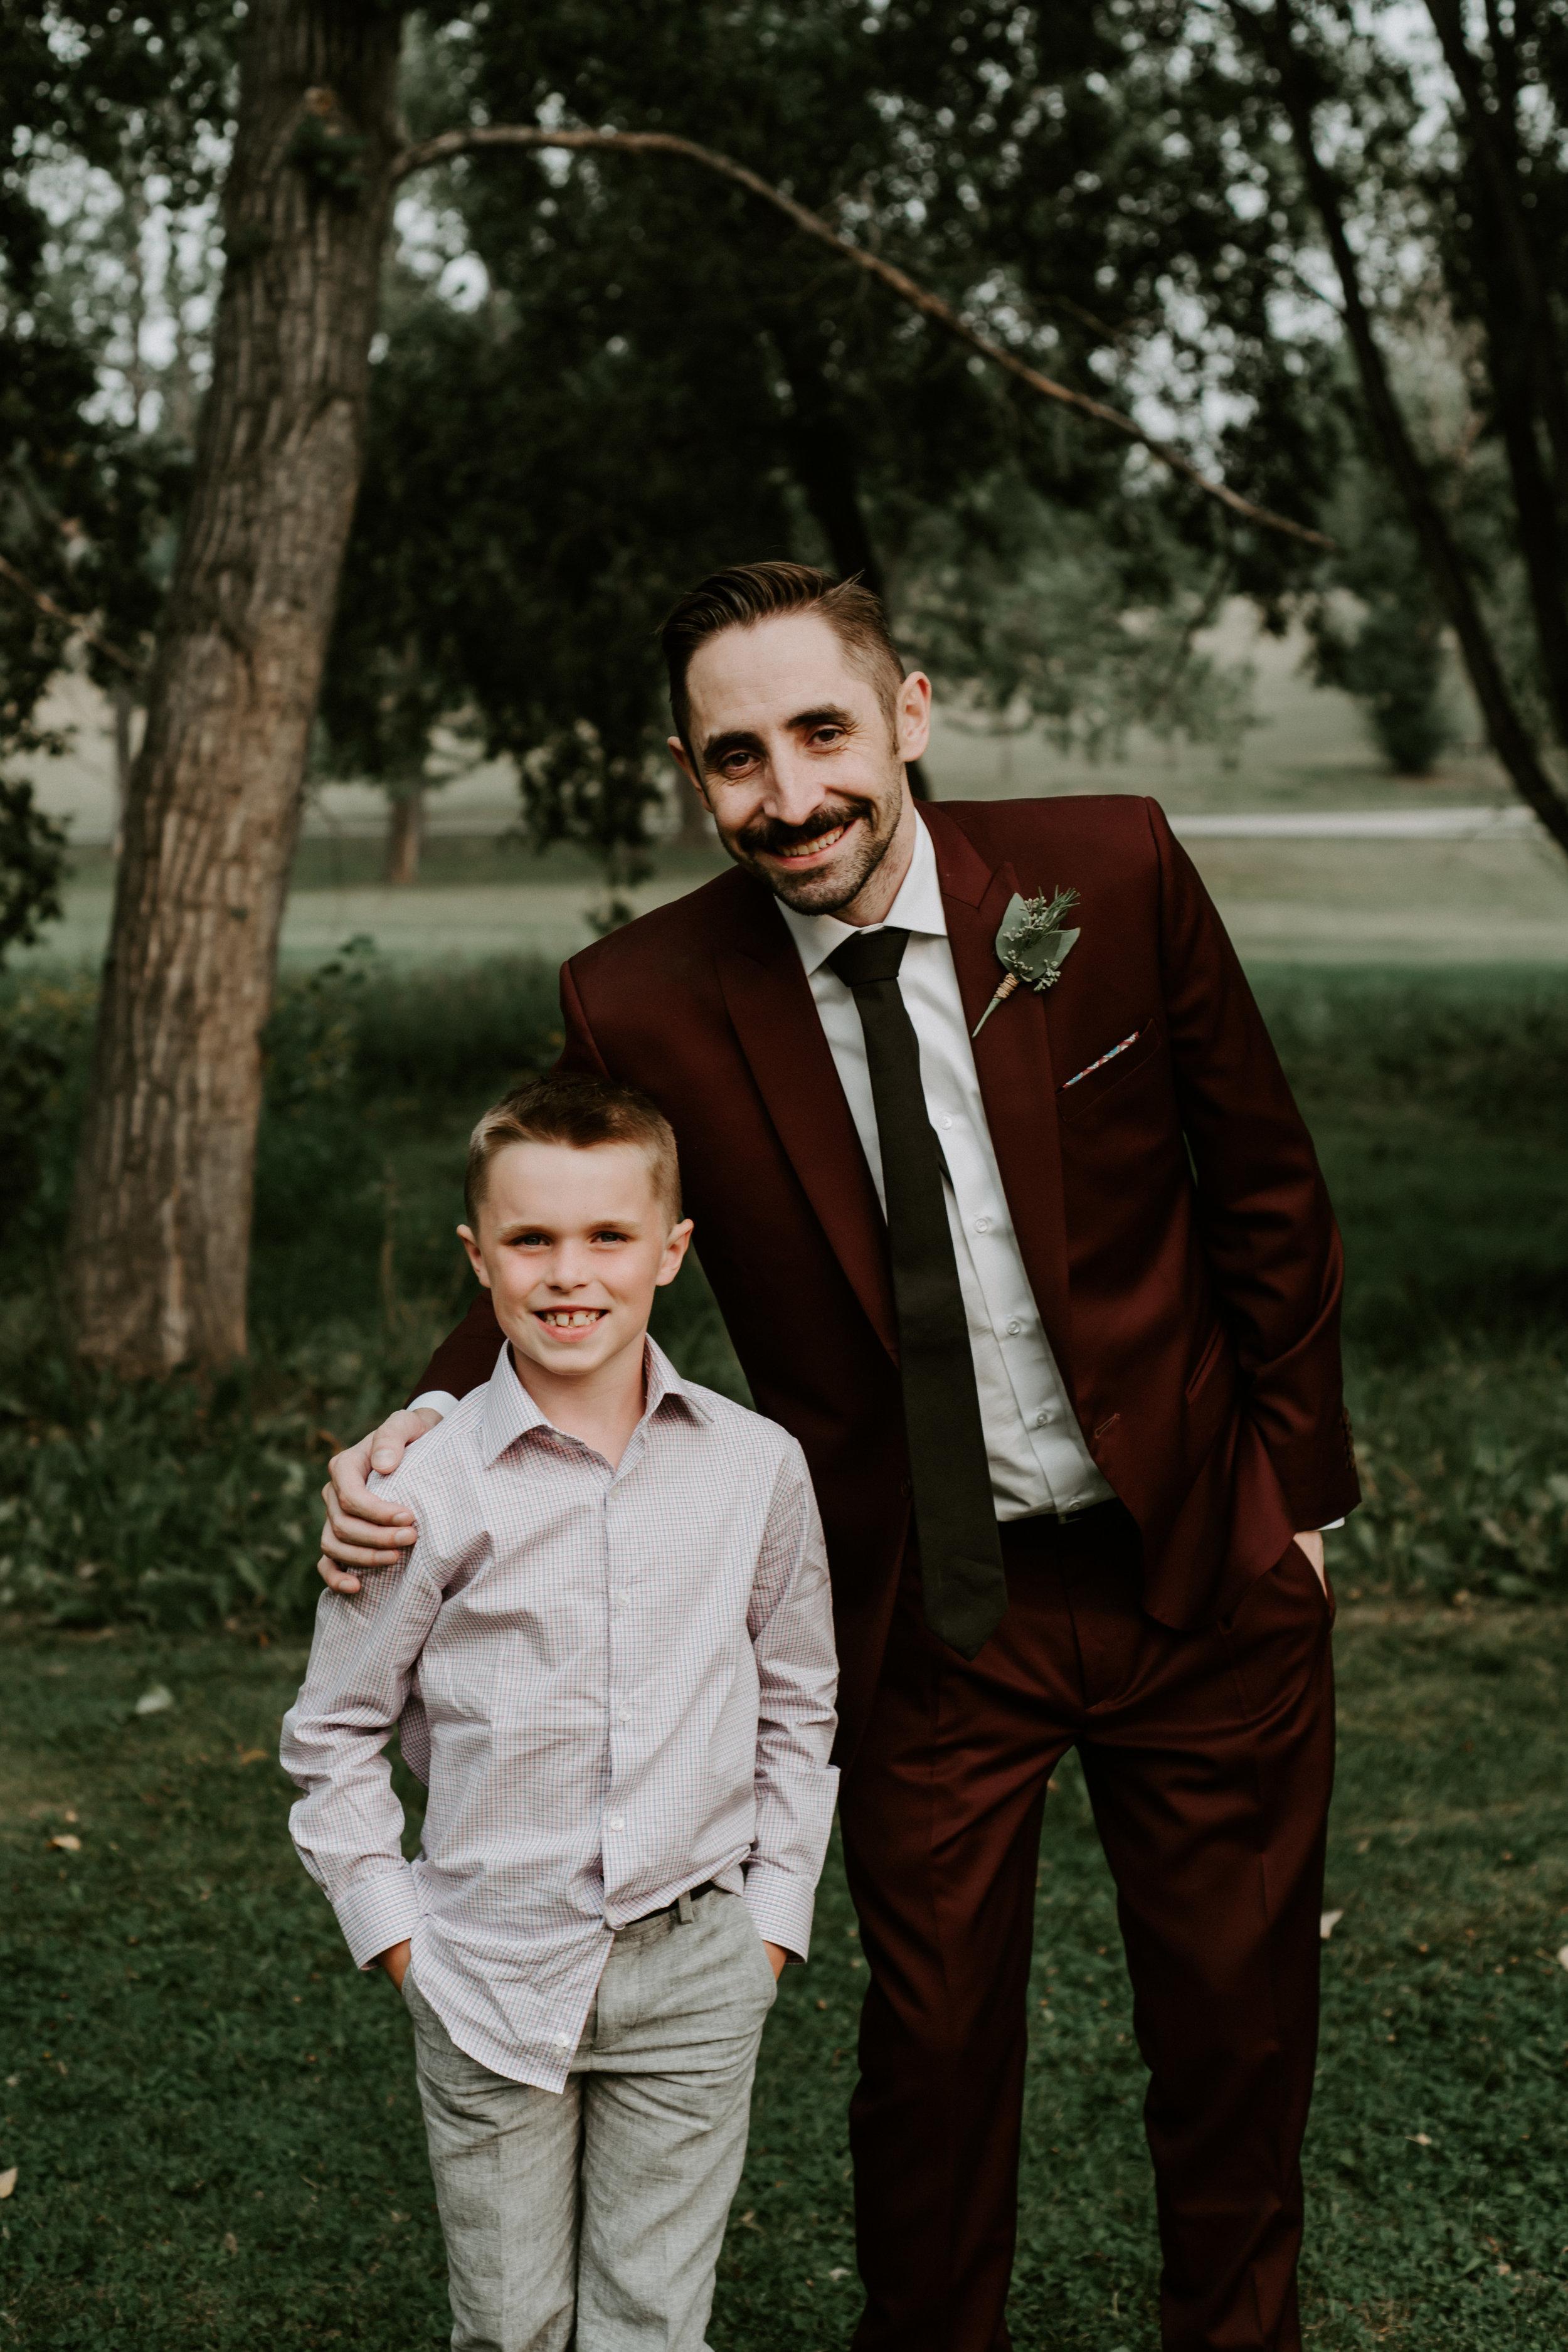 Calgary Wedding Photographer - 52 of 84.jpg